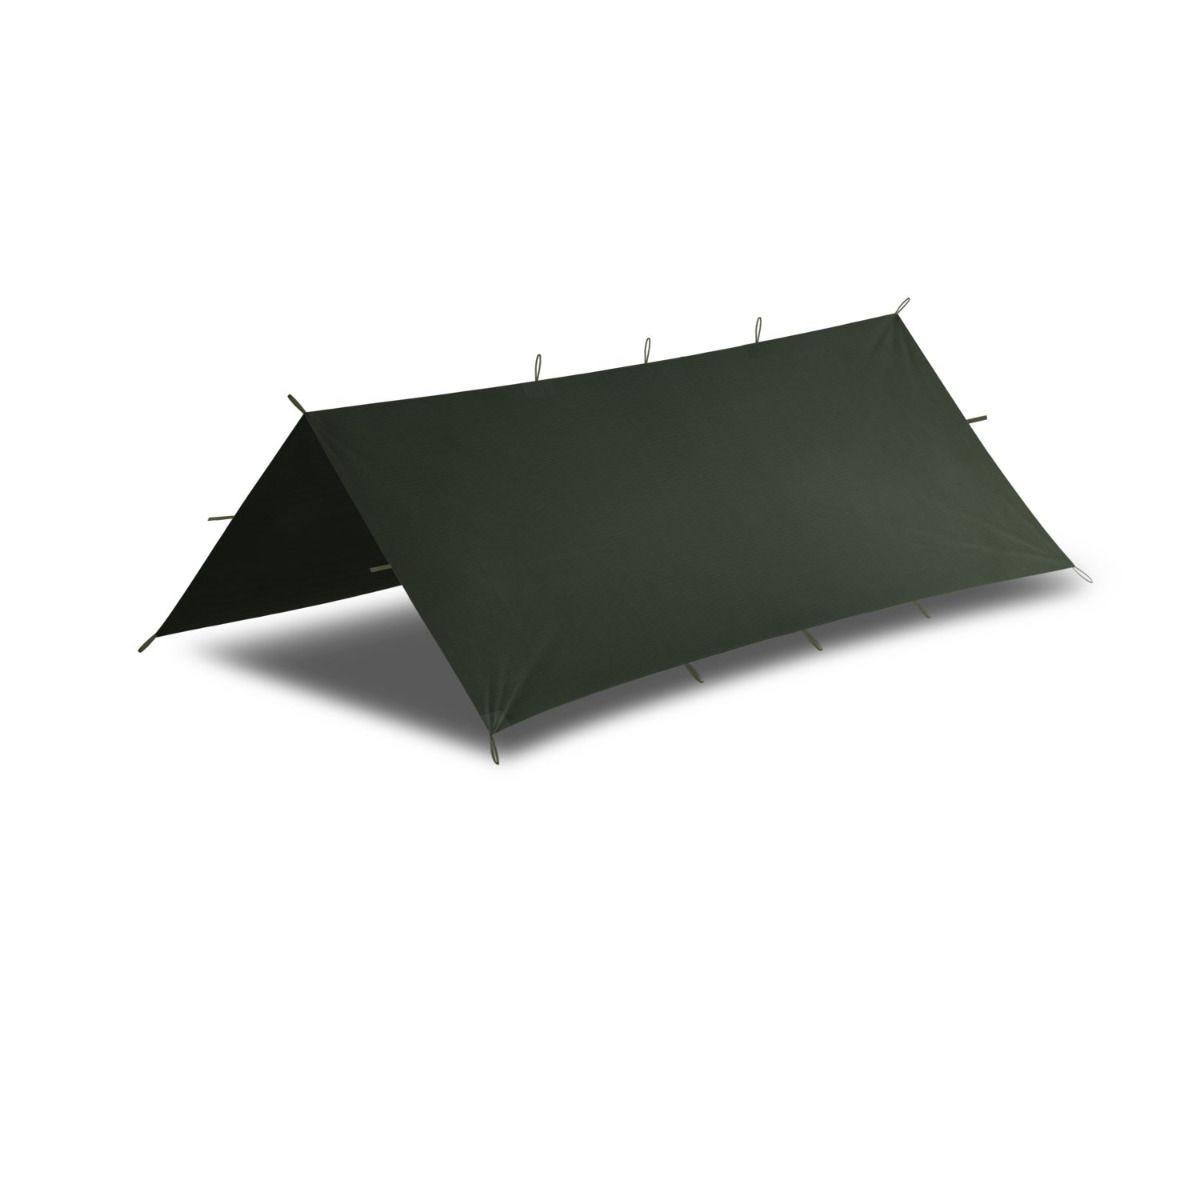 Plachta pre bivakovanie SUPERTARP® malá OLIVE GREEN